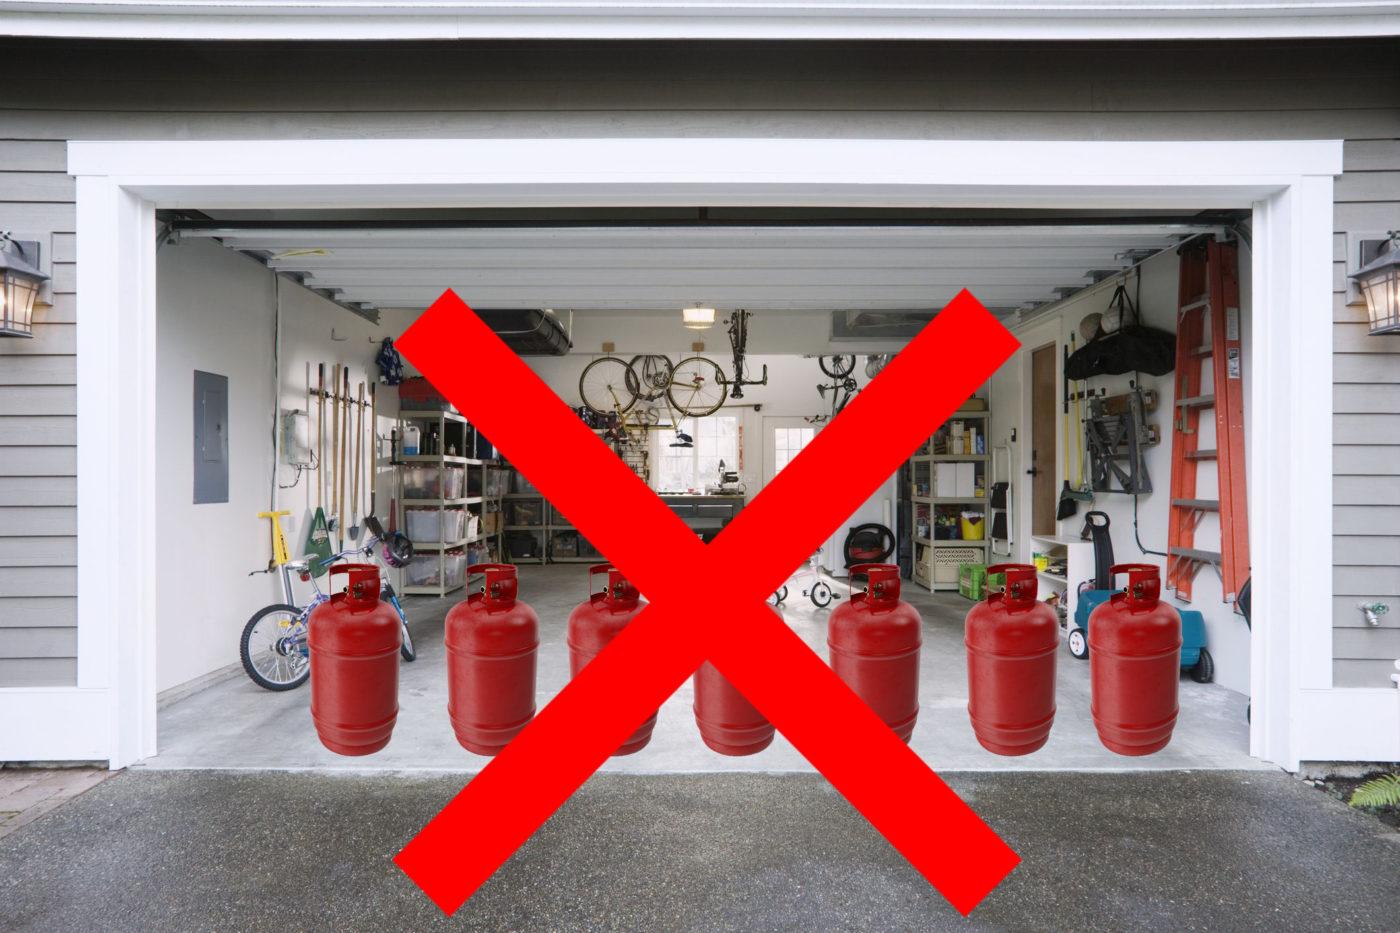 backyard storage sheds for safety